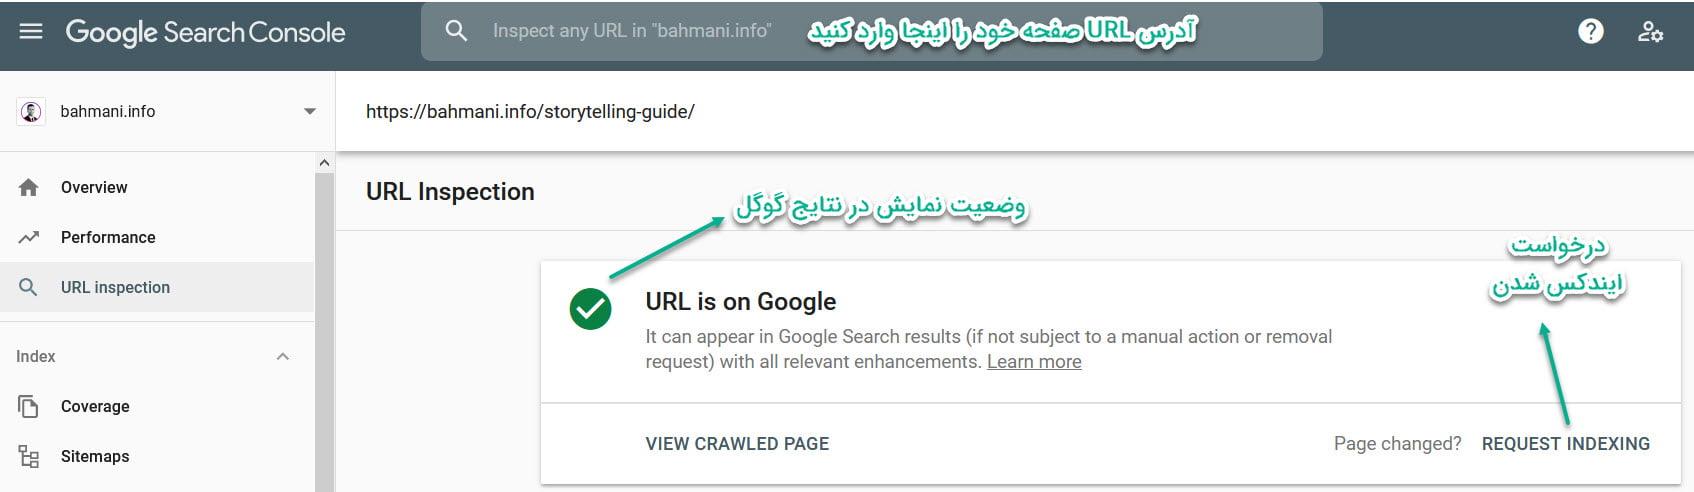 درخواست ایندکس شدن سایت در گوگل سرچ کنسول